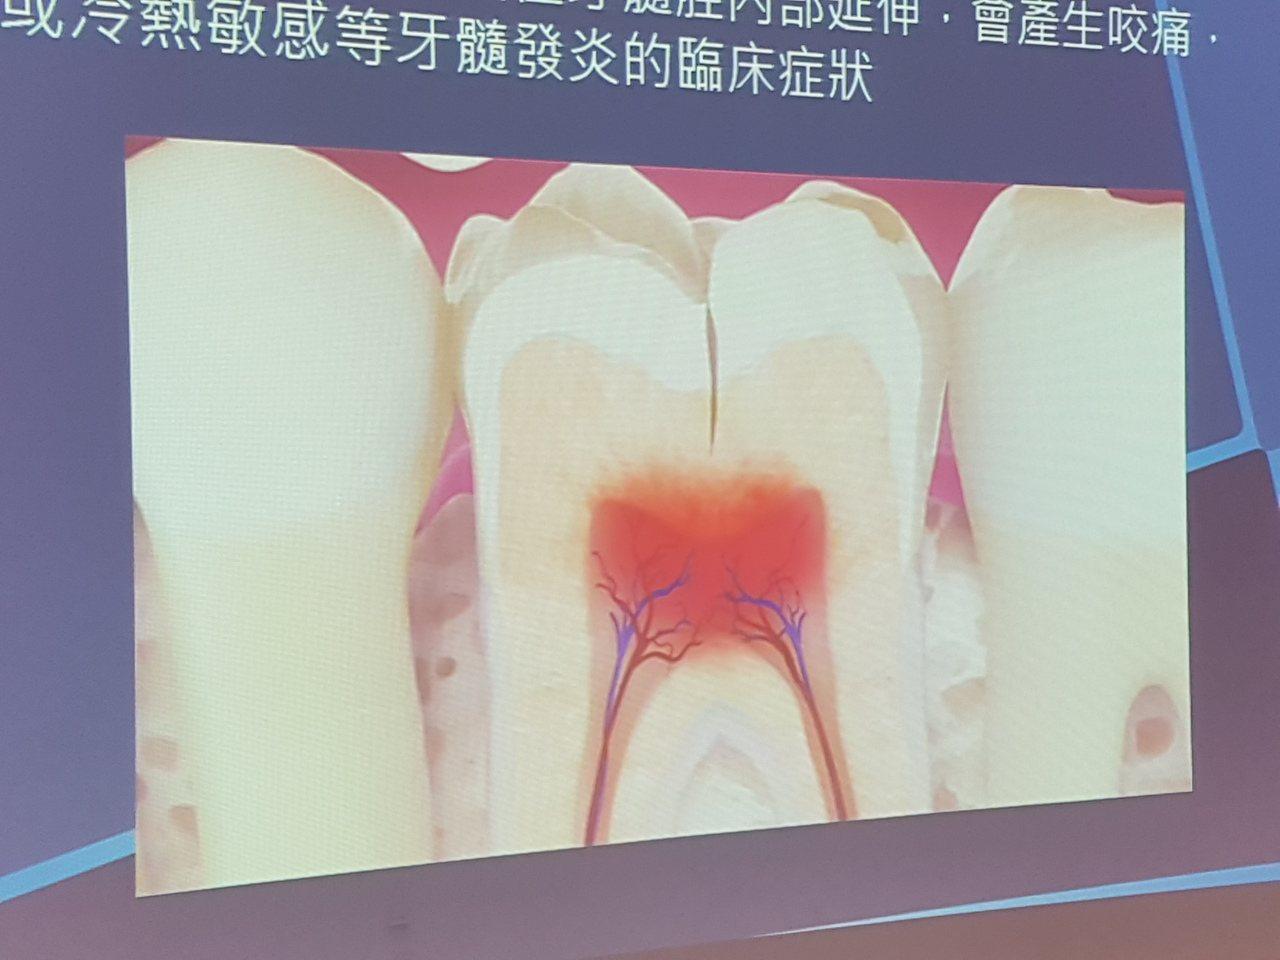 牙齒酸軟刷抗敏牙膏?小心越刷越嚴重